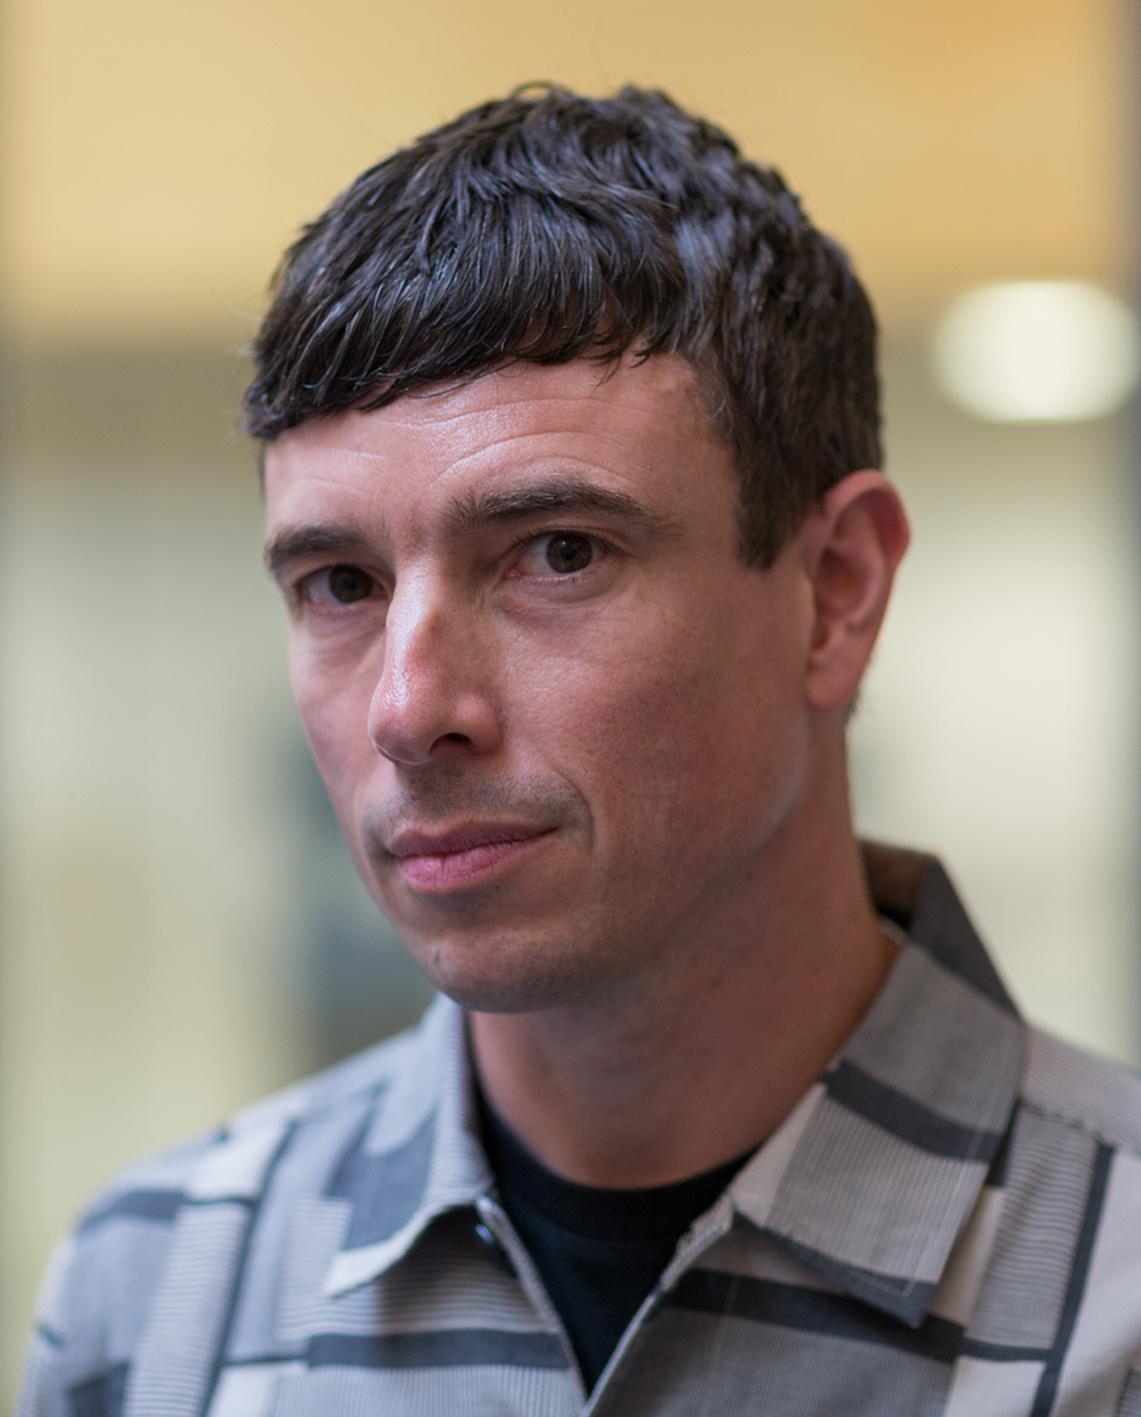 Nick Dunn